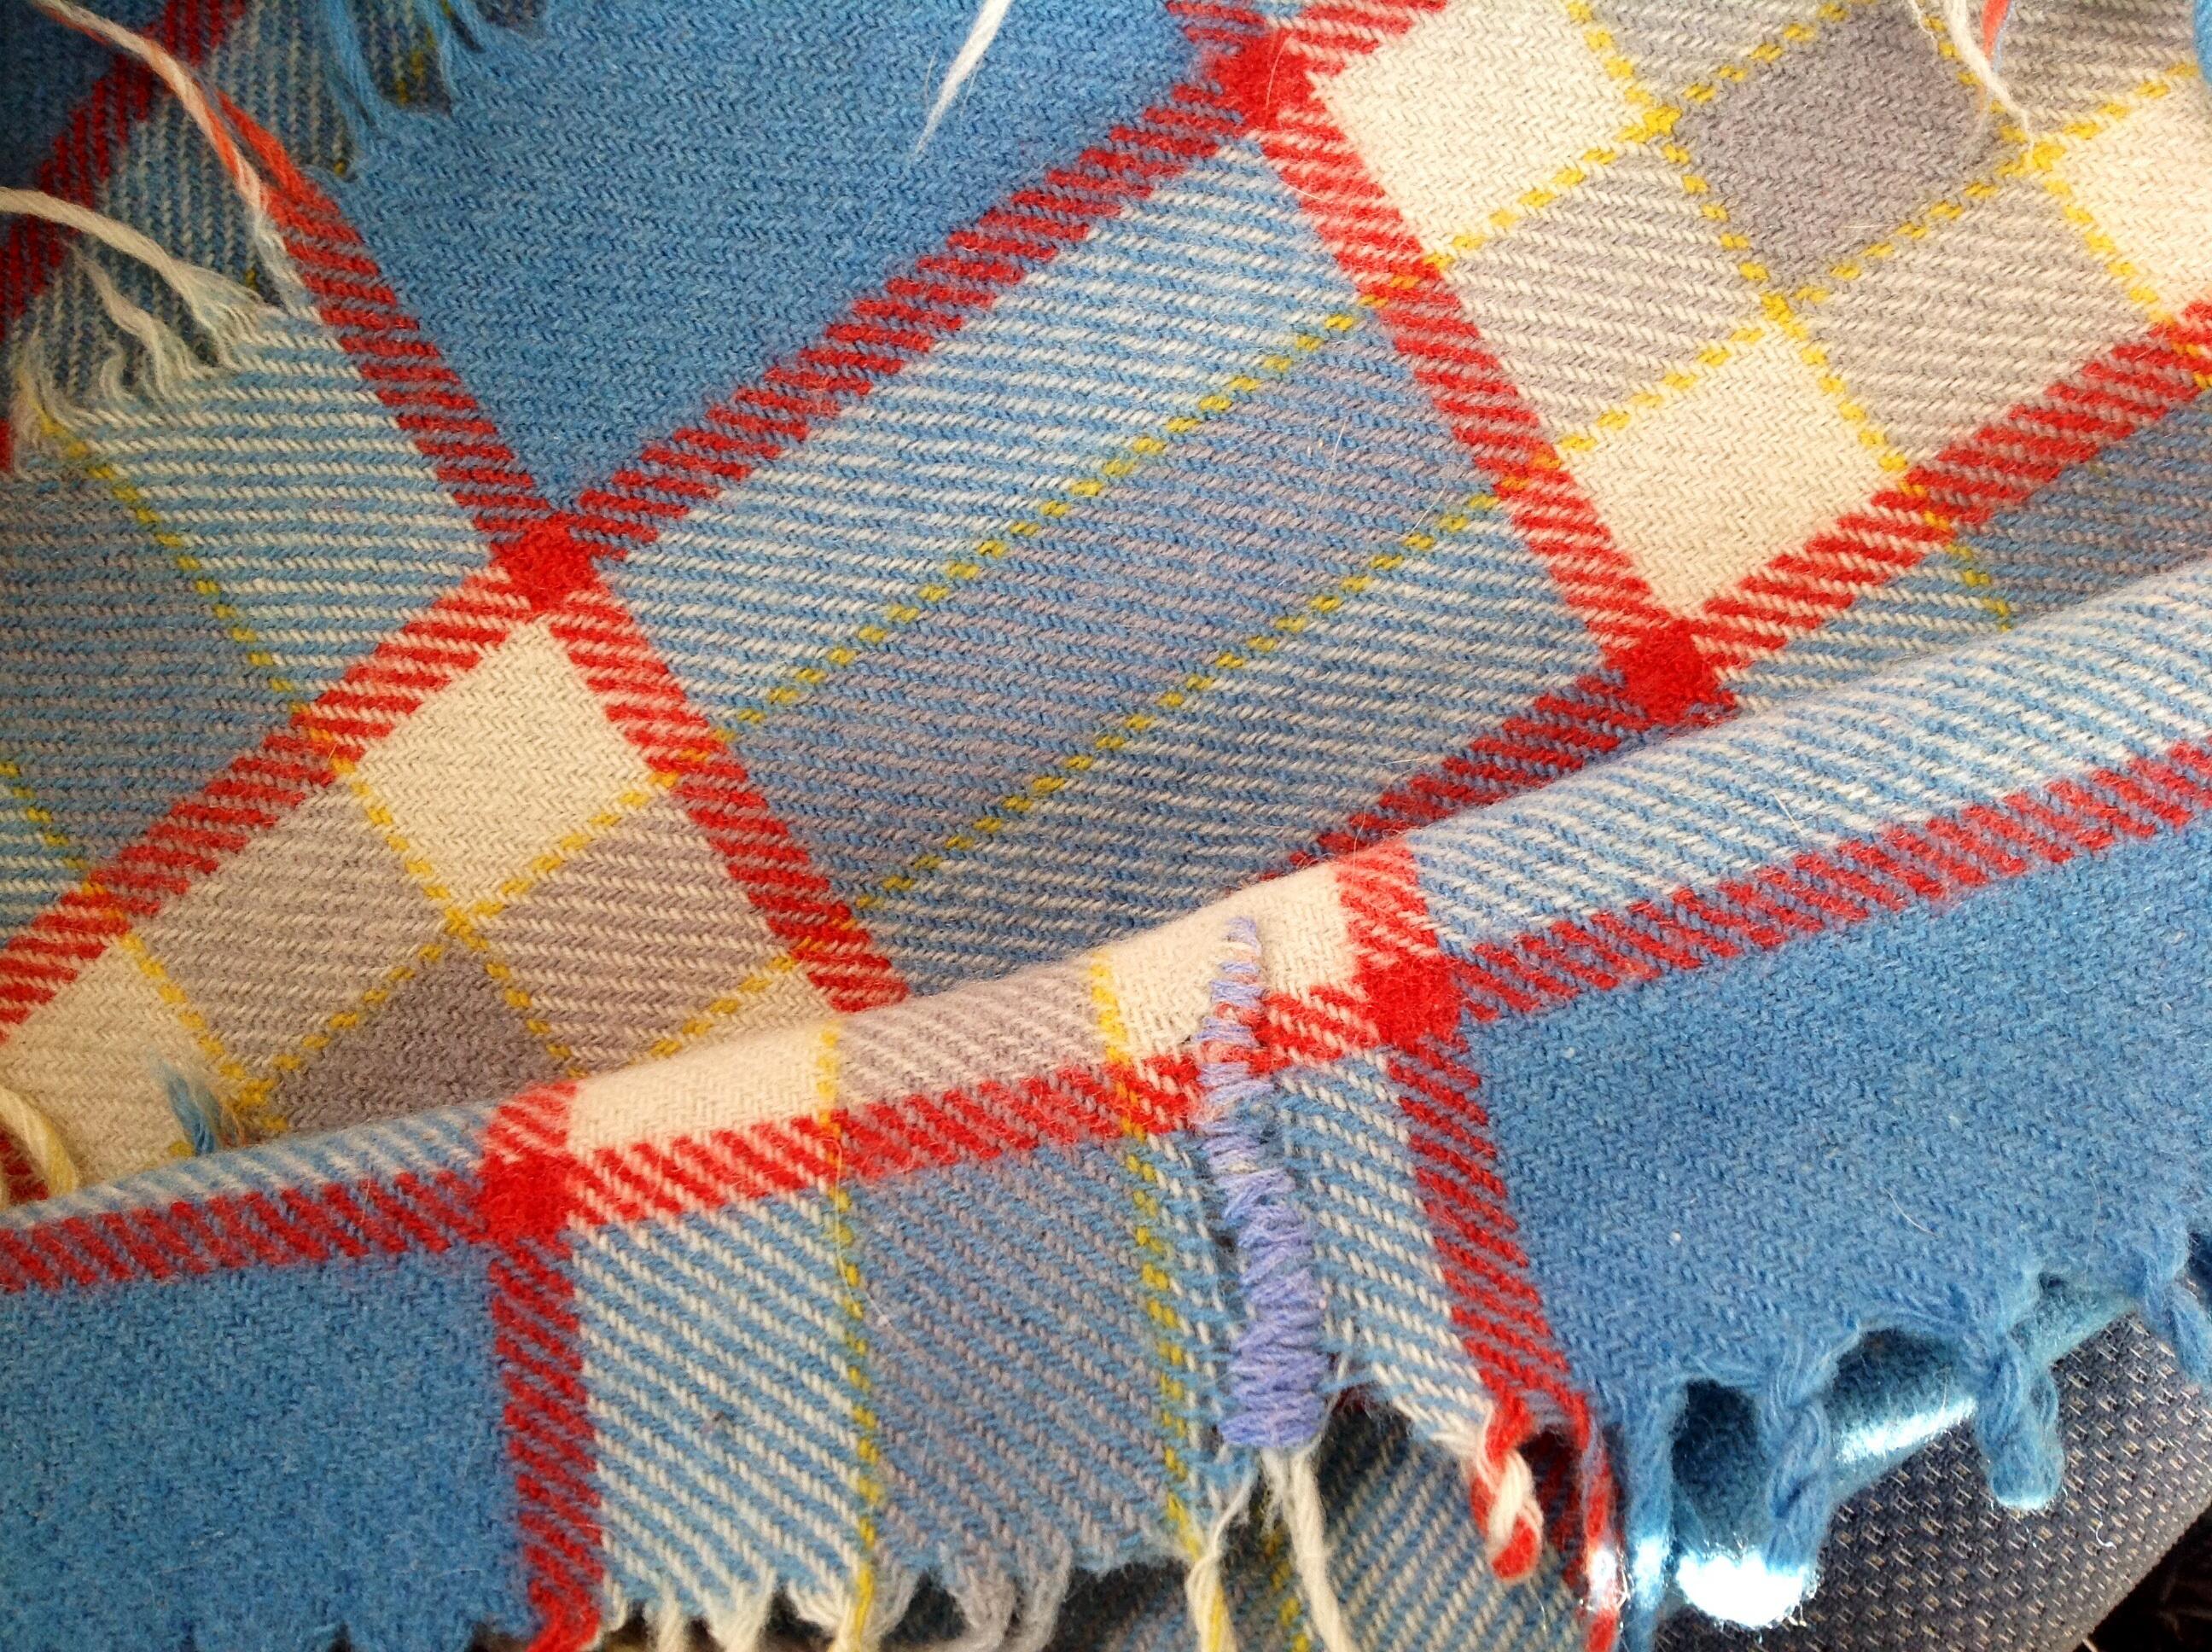 Vintage Blanket Destroyed!   Noddfacrafts